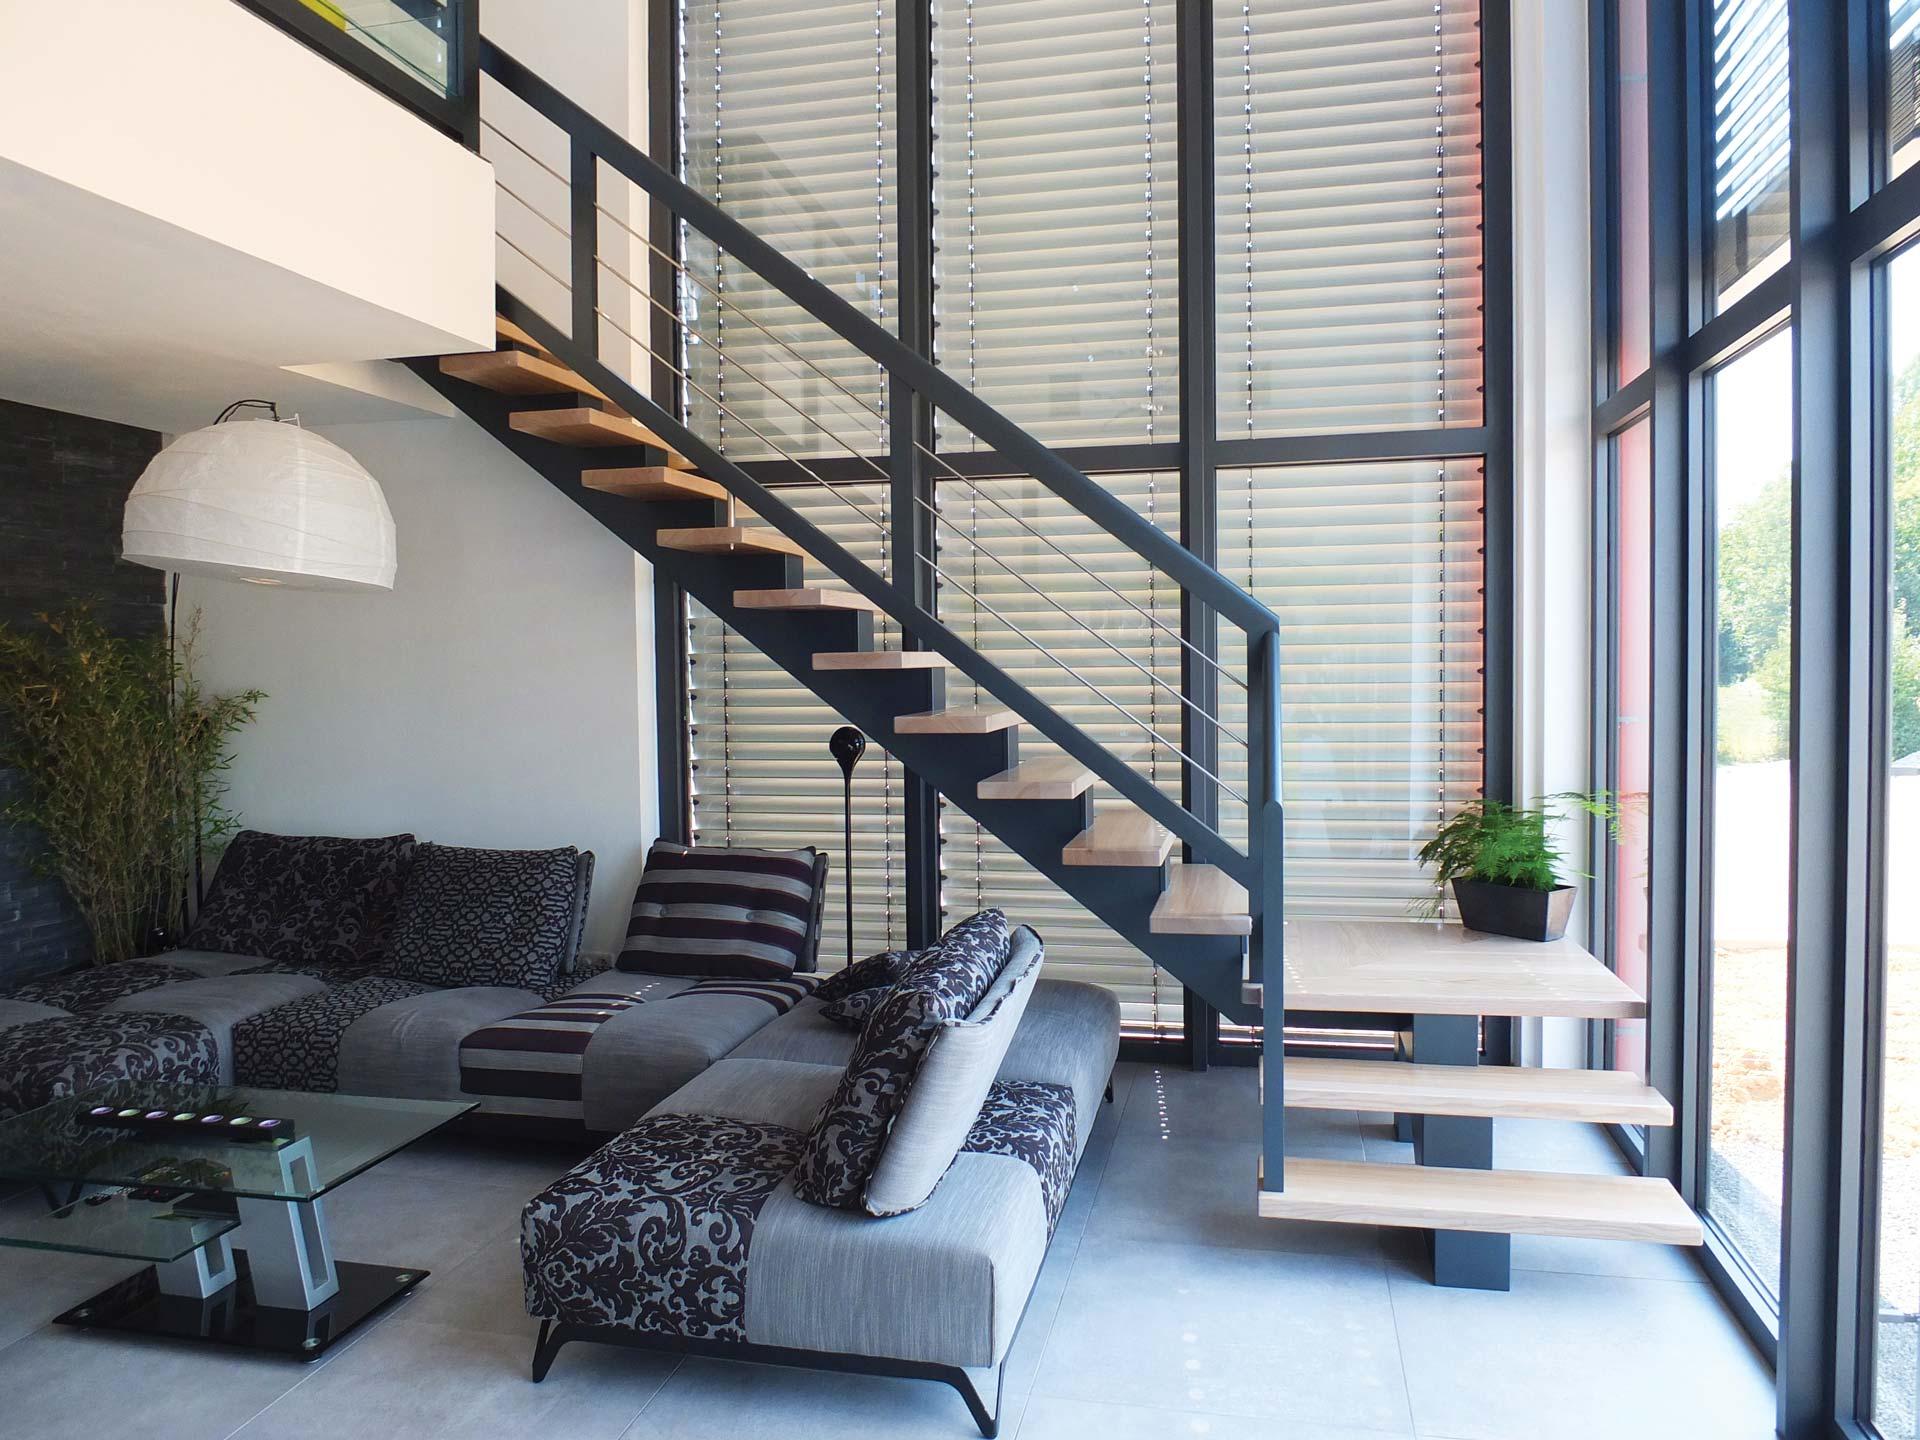 Escalier tout en bois et bois laqué métallisé